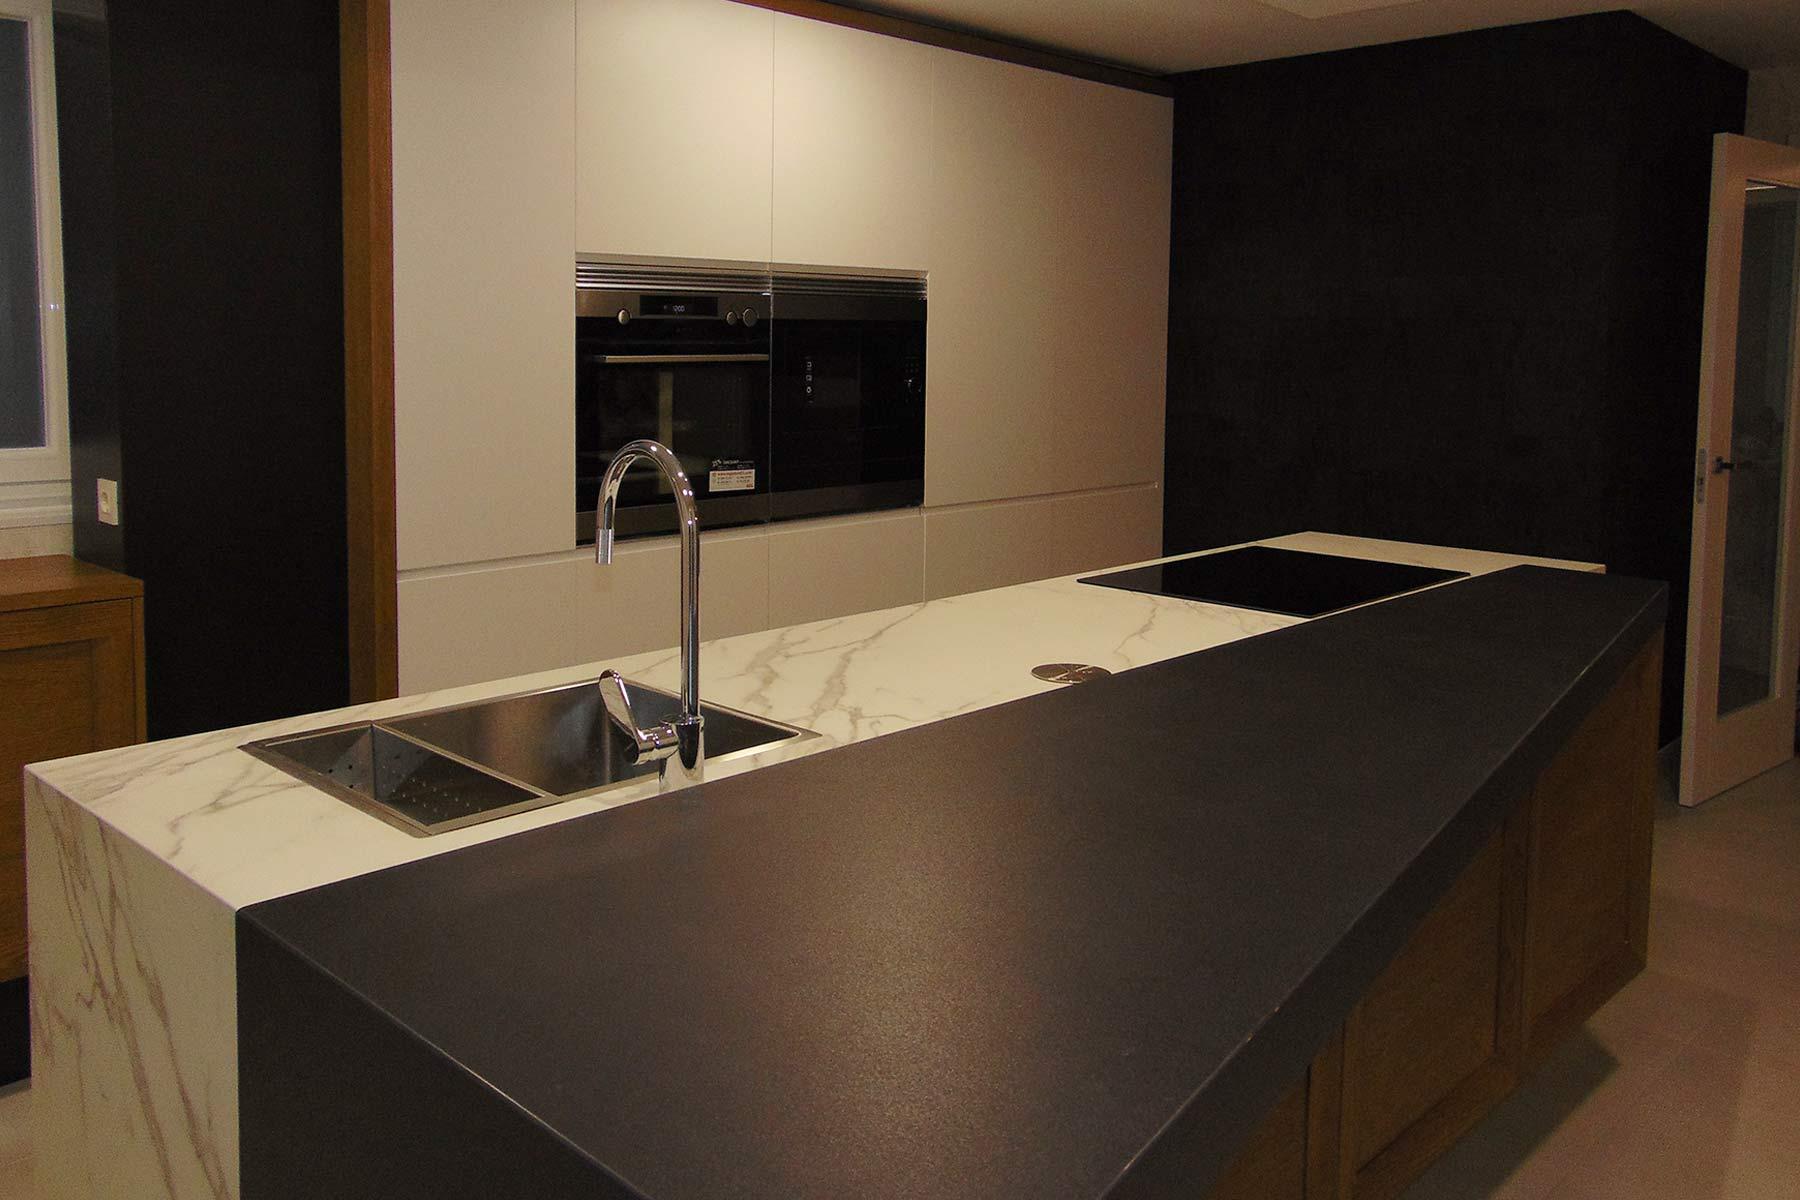 Cocina en isla con encimera en dos acabados y al fondo muebles columna